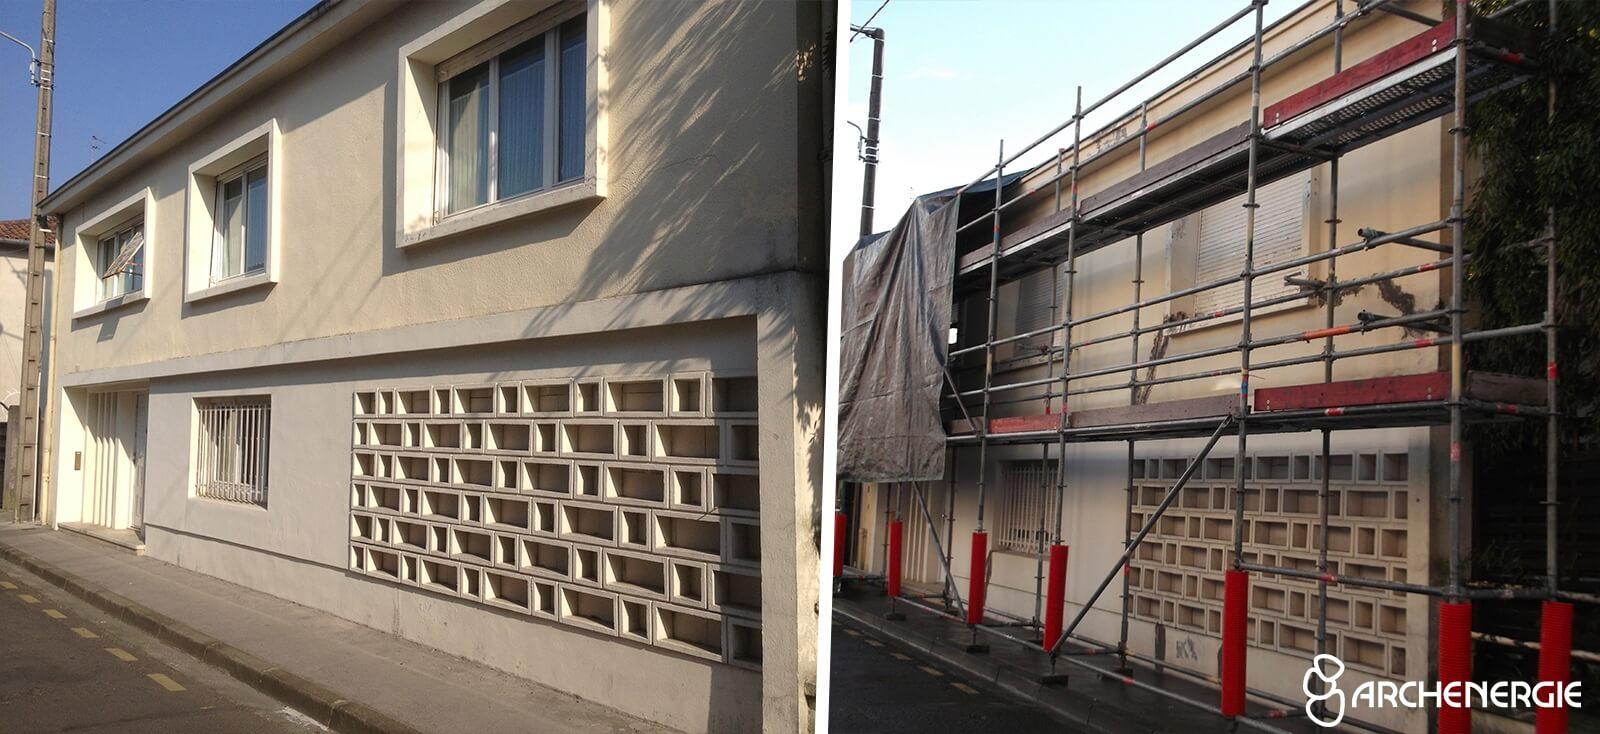 Isolation par l'extérieur à Bordeaux sur une maison d'architecte